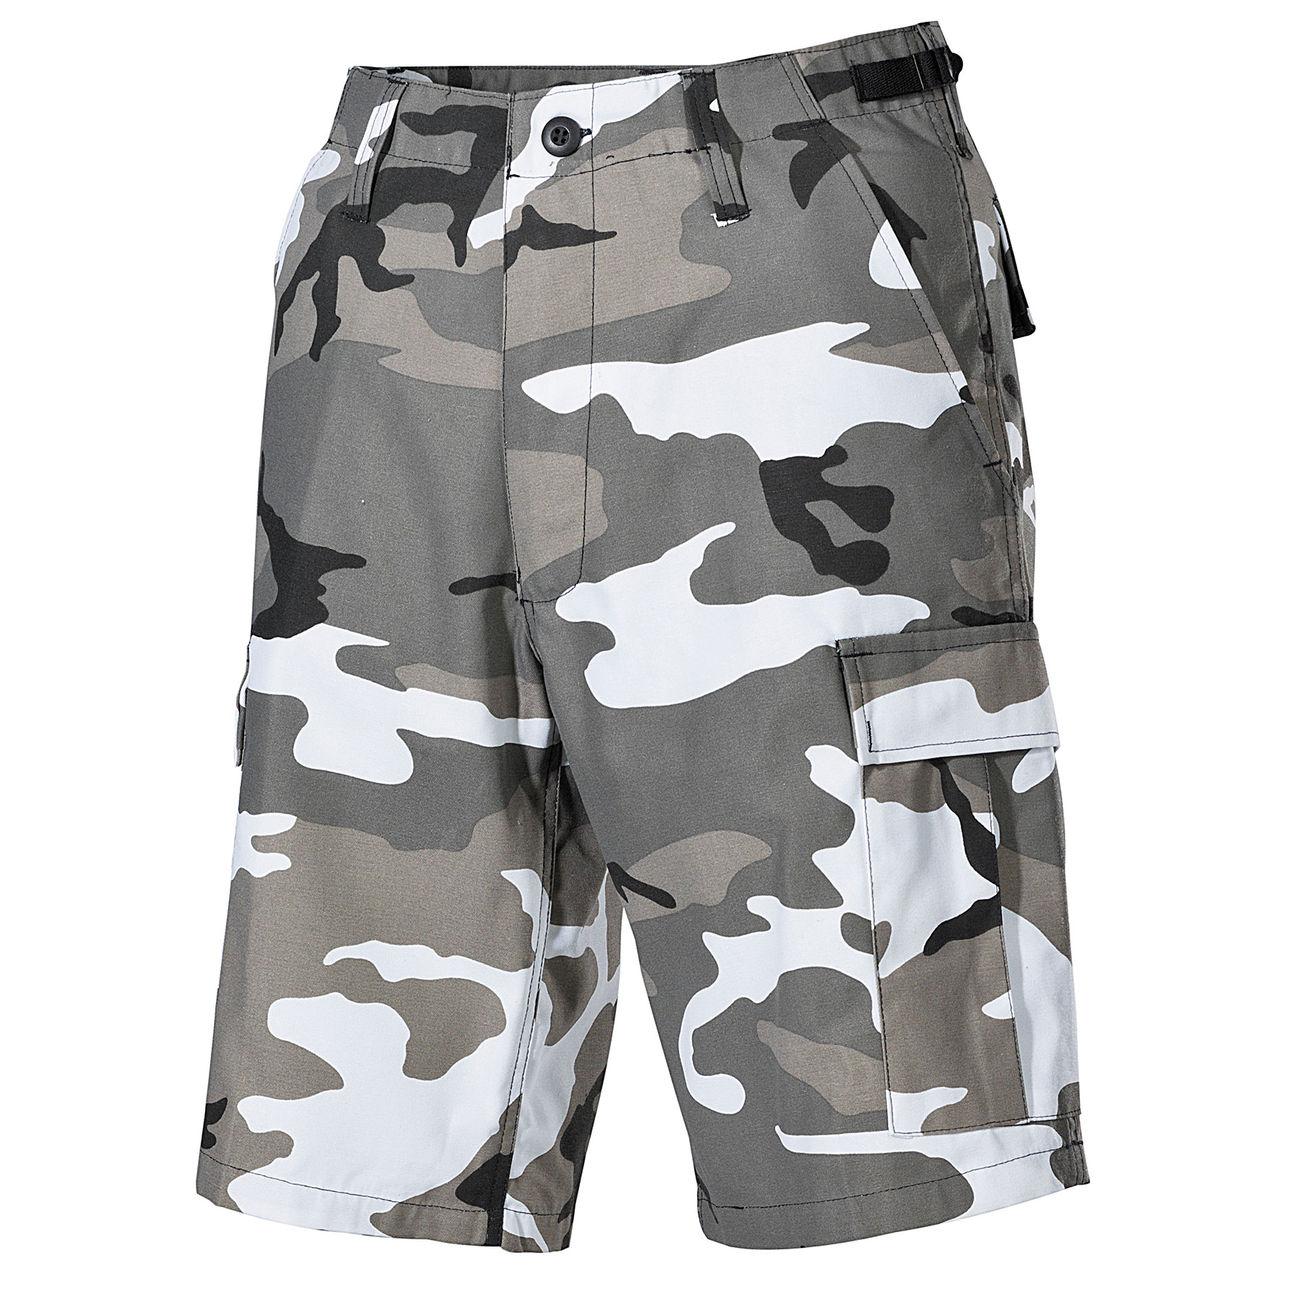 Style Mfh Urban Bdu Army Bermuda xWBoedQrC